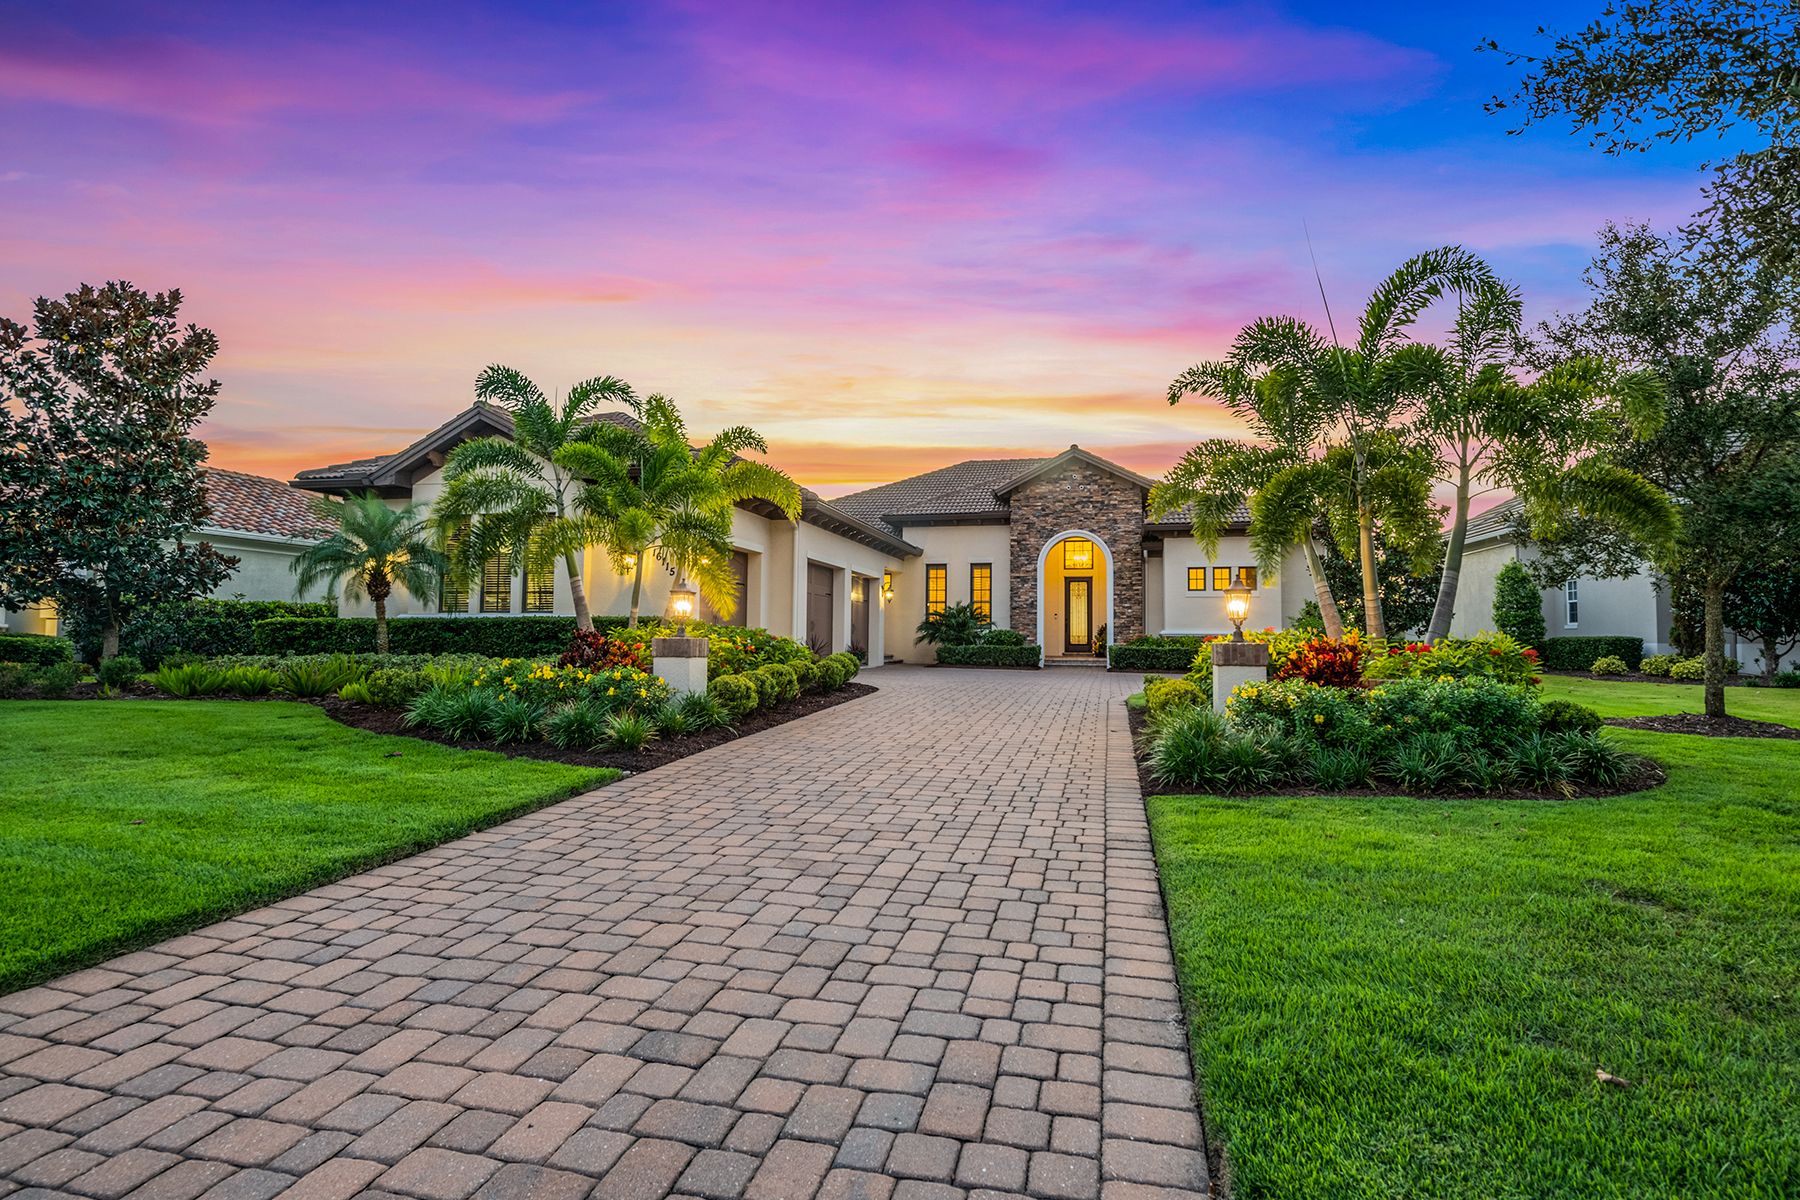 Single Family Homes için Satış at 16115 Daysailor Trl, Lakewood Ranch, Florida 34202 Amerika Birleşik Devletleri